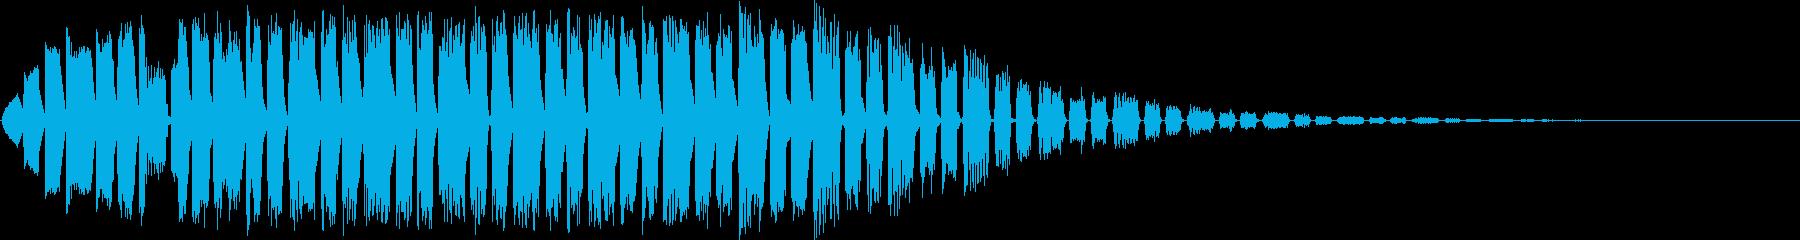 【ゲーム・アプリ】FX_04 WARPの再生済みの波形